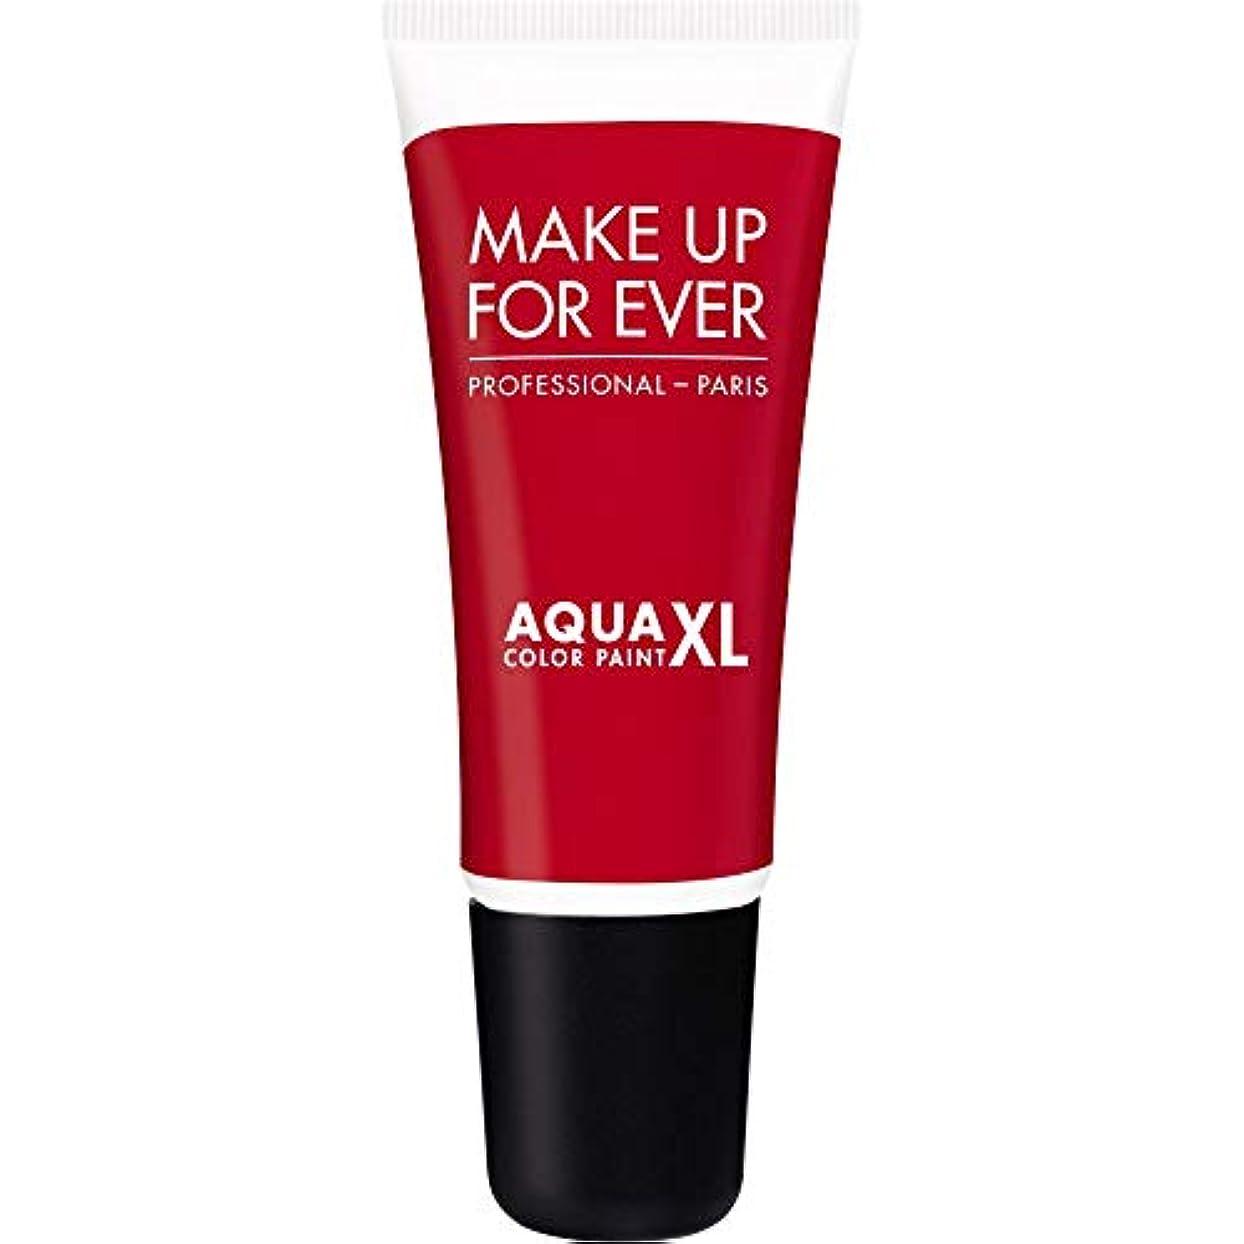 現実種類ただ[MAKE UP FOR EVER] 防水アイシャドウ4.8ミリリットルのM-72 - - マット赤史上アクアXl色の塗料を補います - MAKE UP FOR EVER Aqua XL Color Paint - Waterproof...